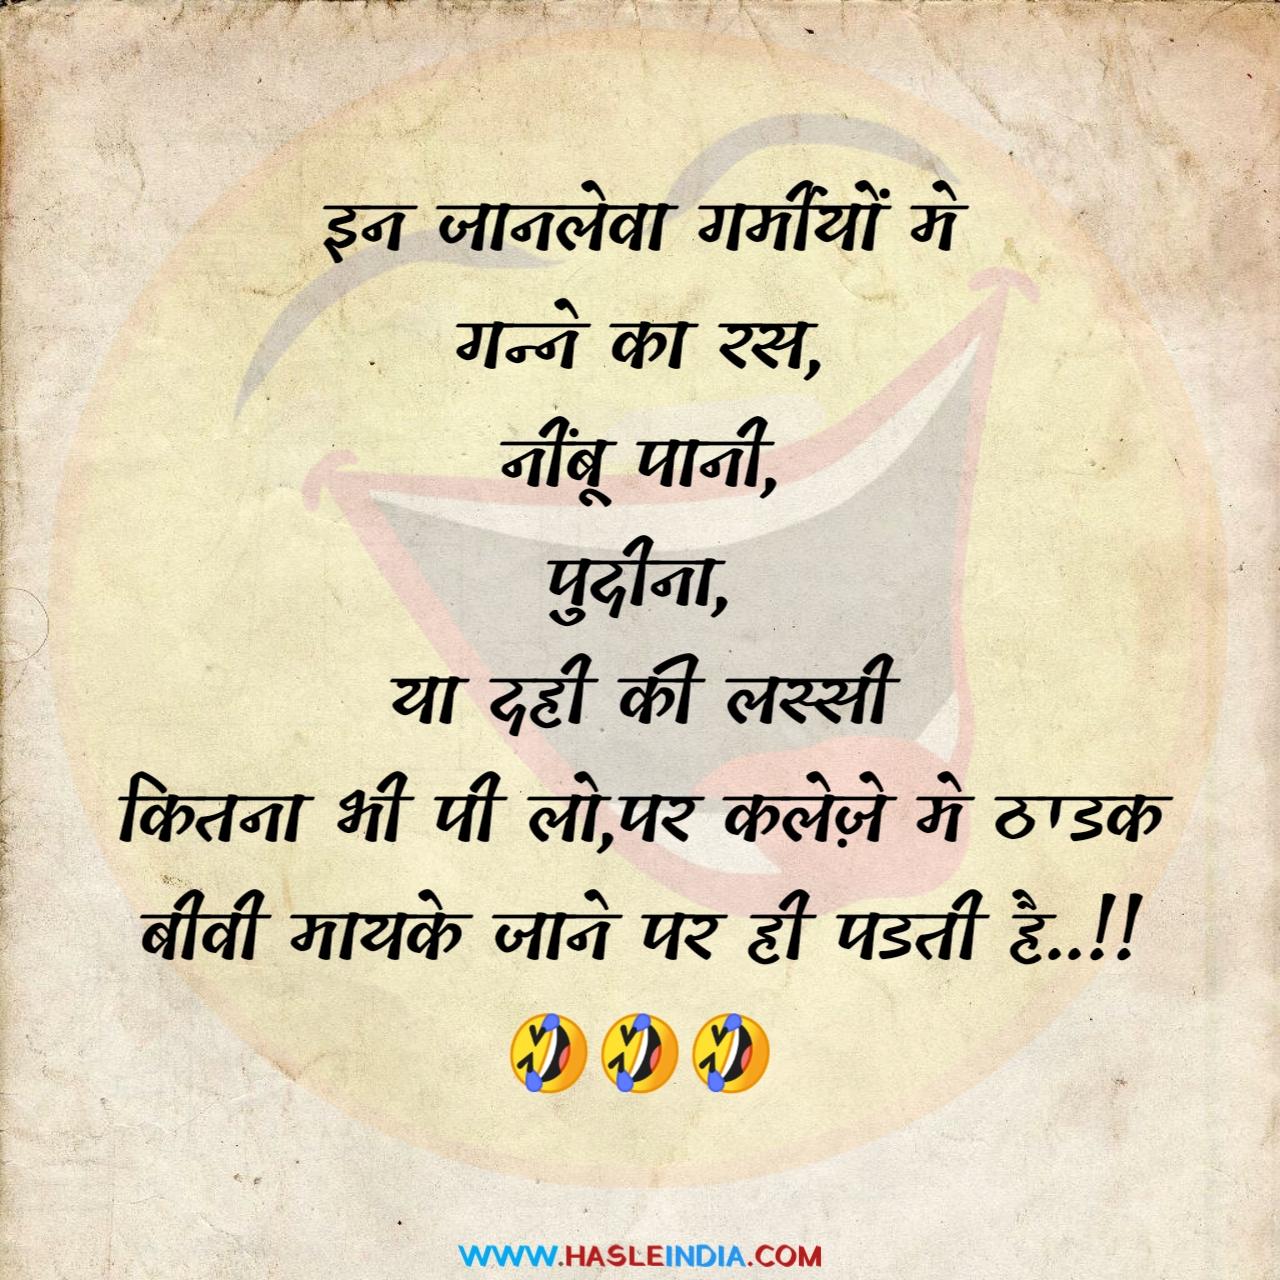 pati patni jokes, पति-पत्नी jokes, husband wife jokes, funny hindi jokes, Hindi jokes, hindi chutkule, hindi joke sms, hindi jokes images, Hasle india,